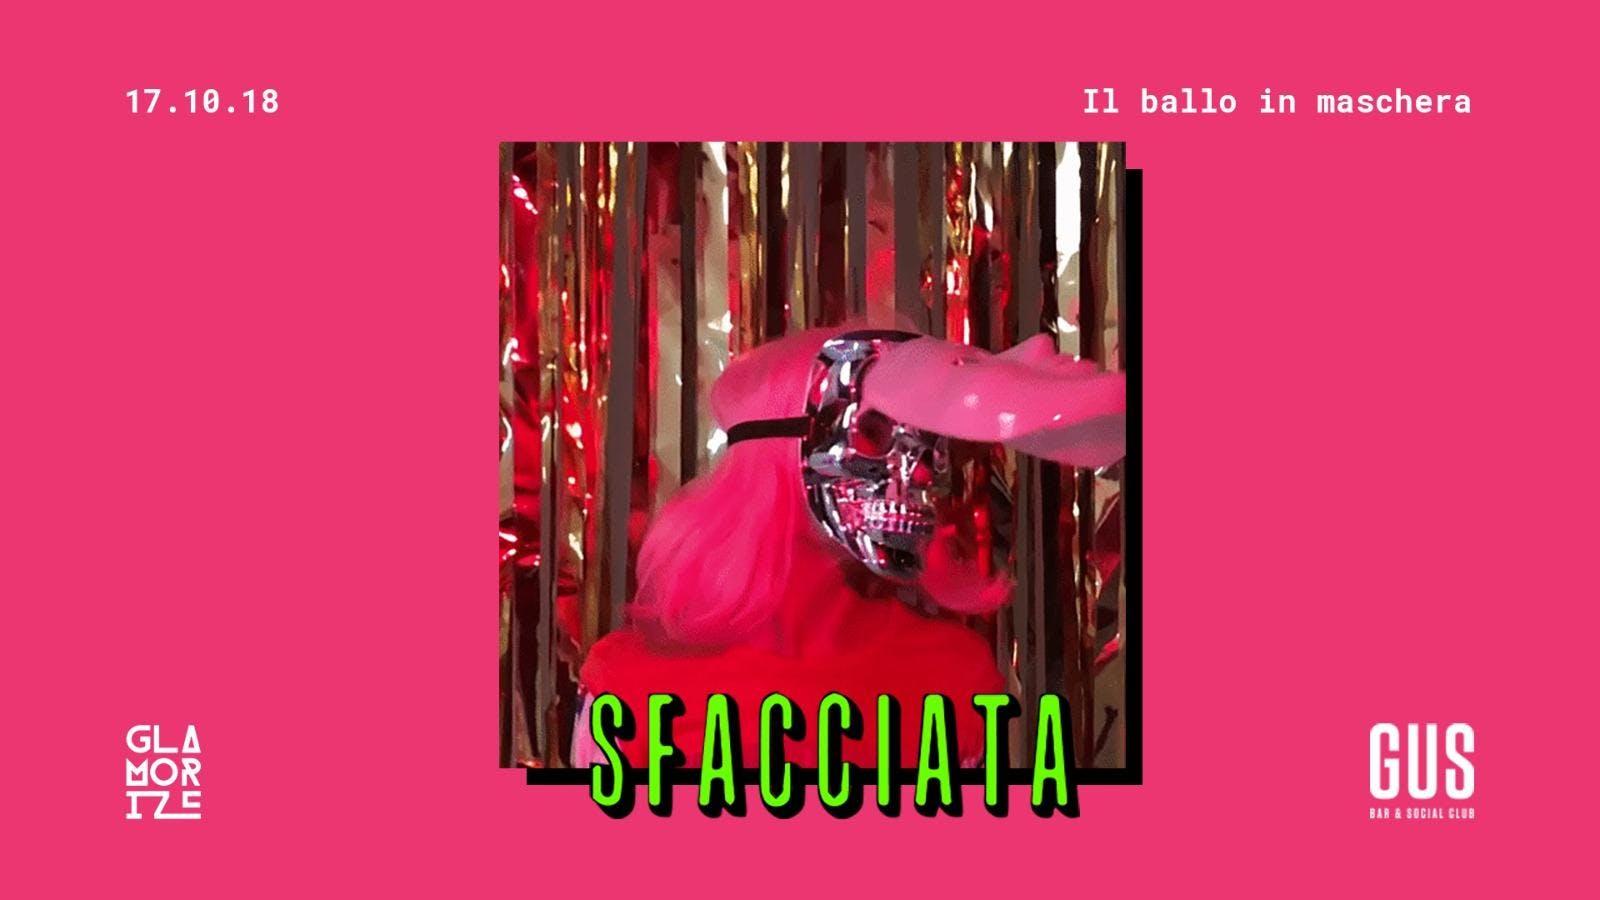 Sfacciata ★ Il ballo in maschera - by Glamori